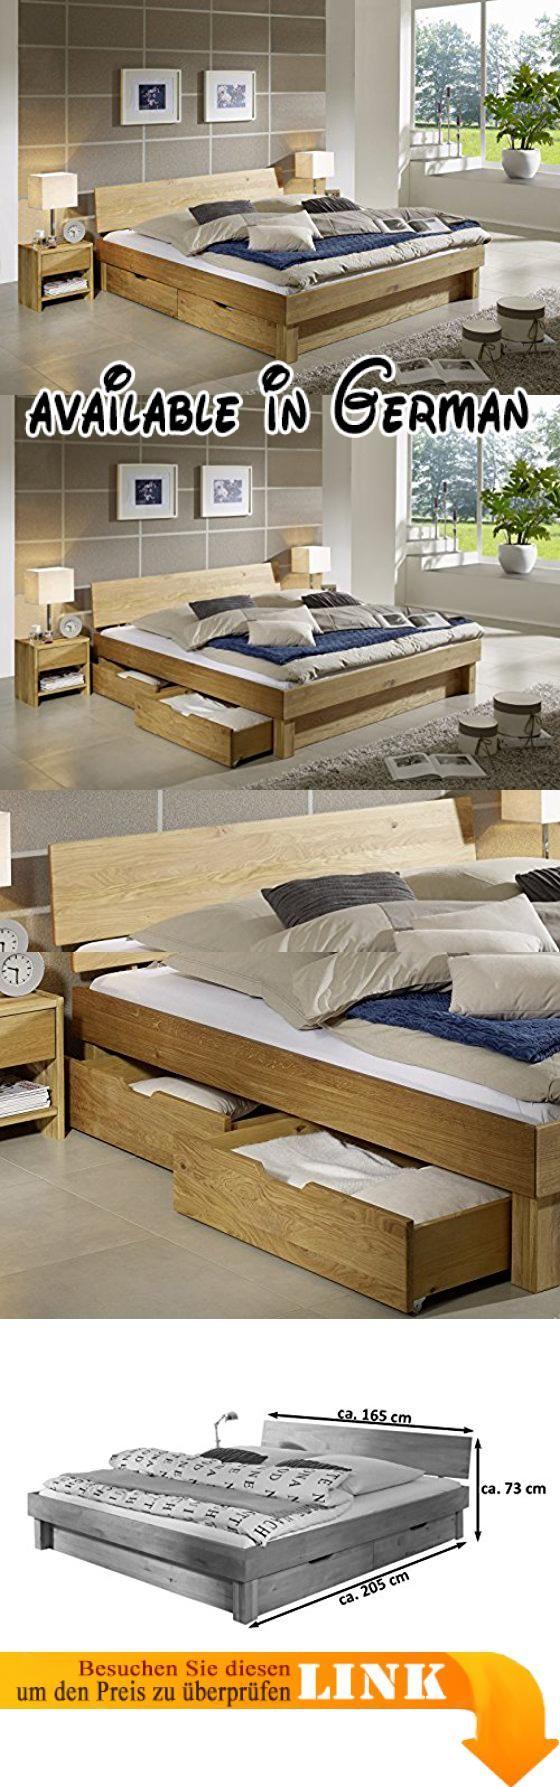 Superior B01J3FOWD8 : SAM Massiv Holzbett Columbia Mit Bettkästen In  Wildeiche Bett Mit Geschlossenem Kopfteil Natürliche